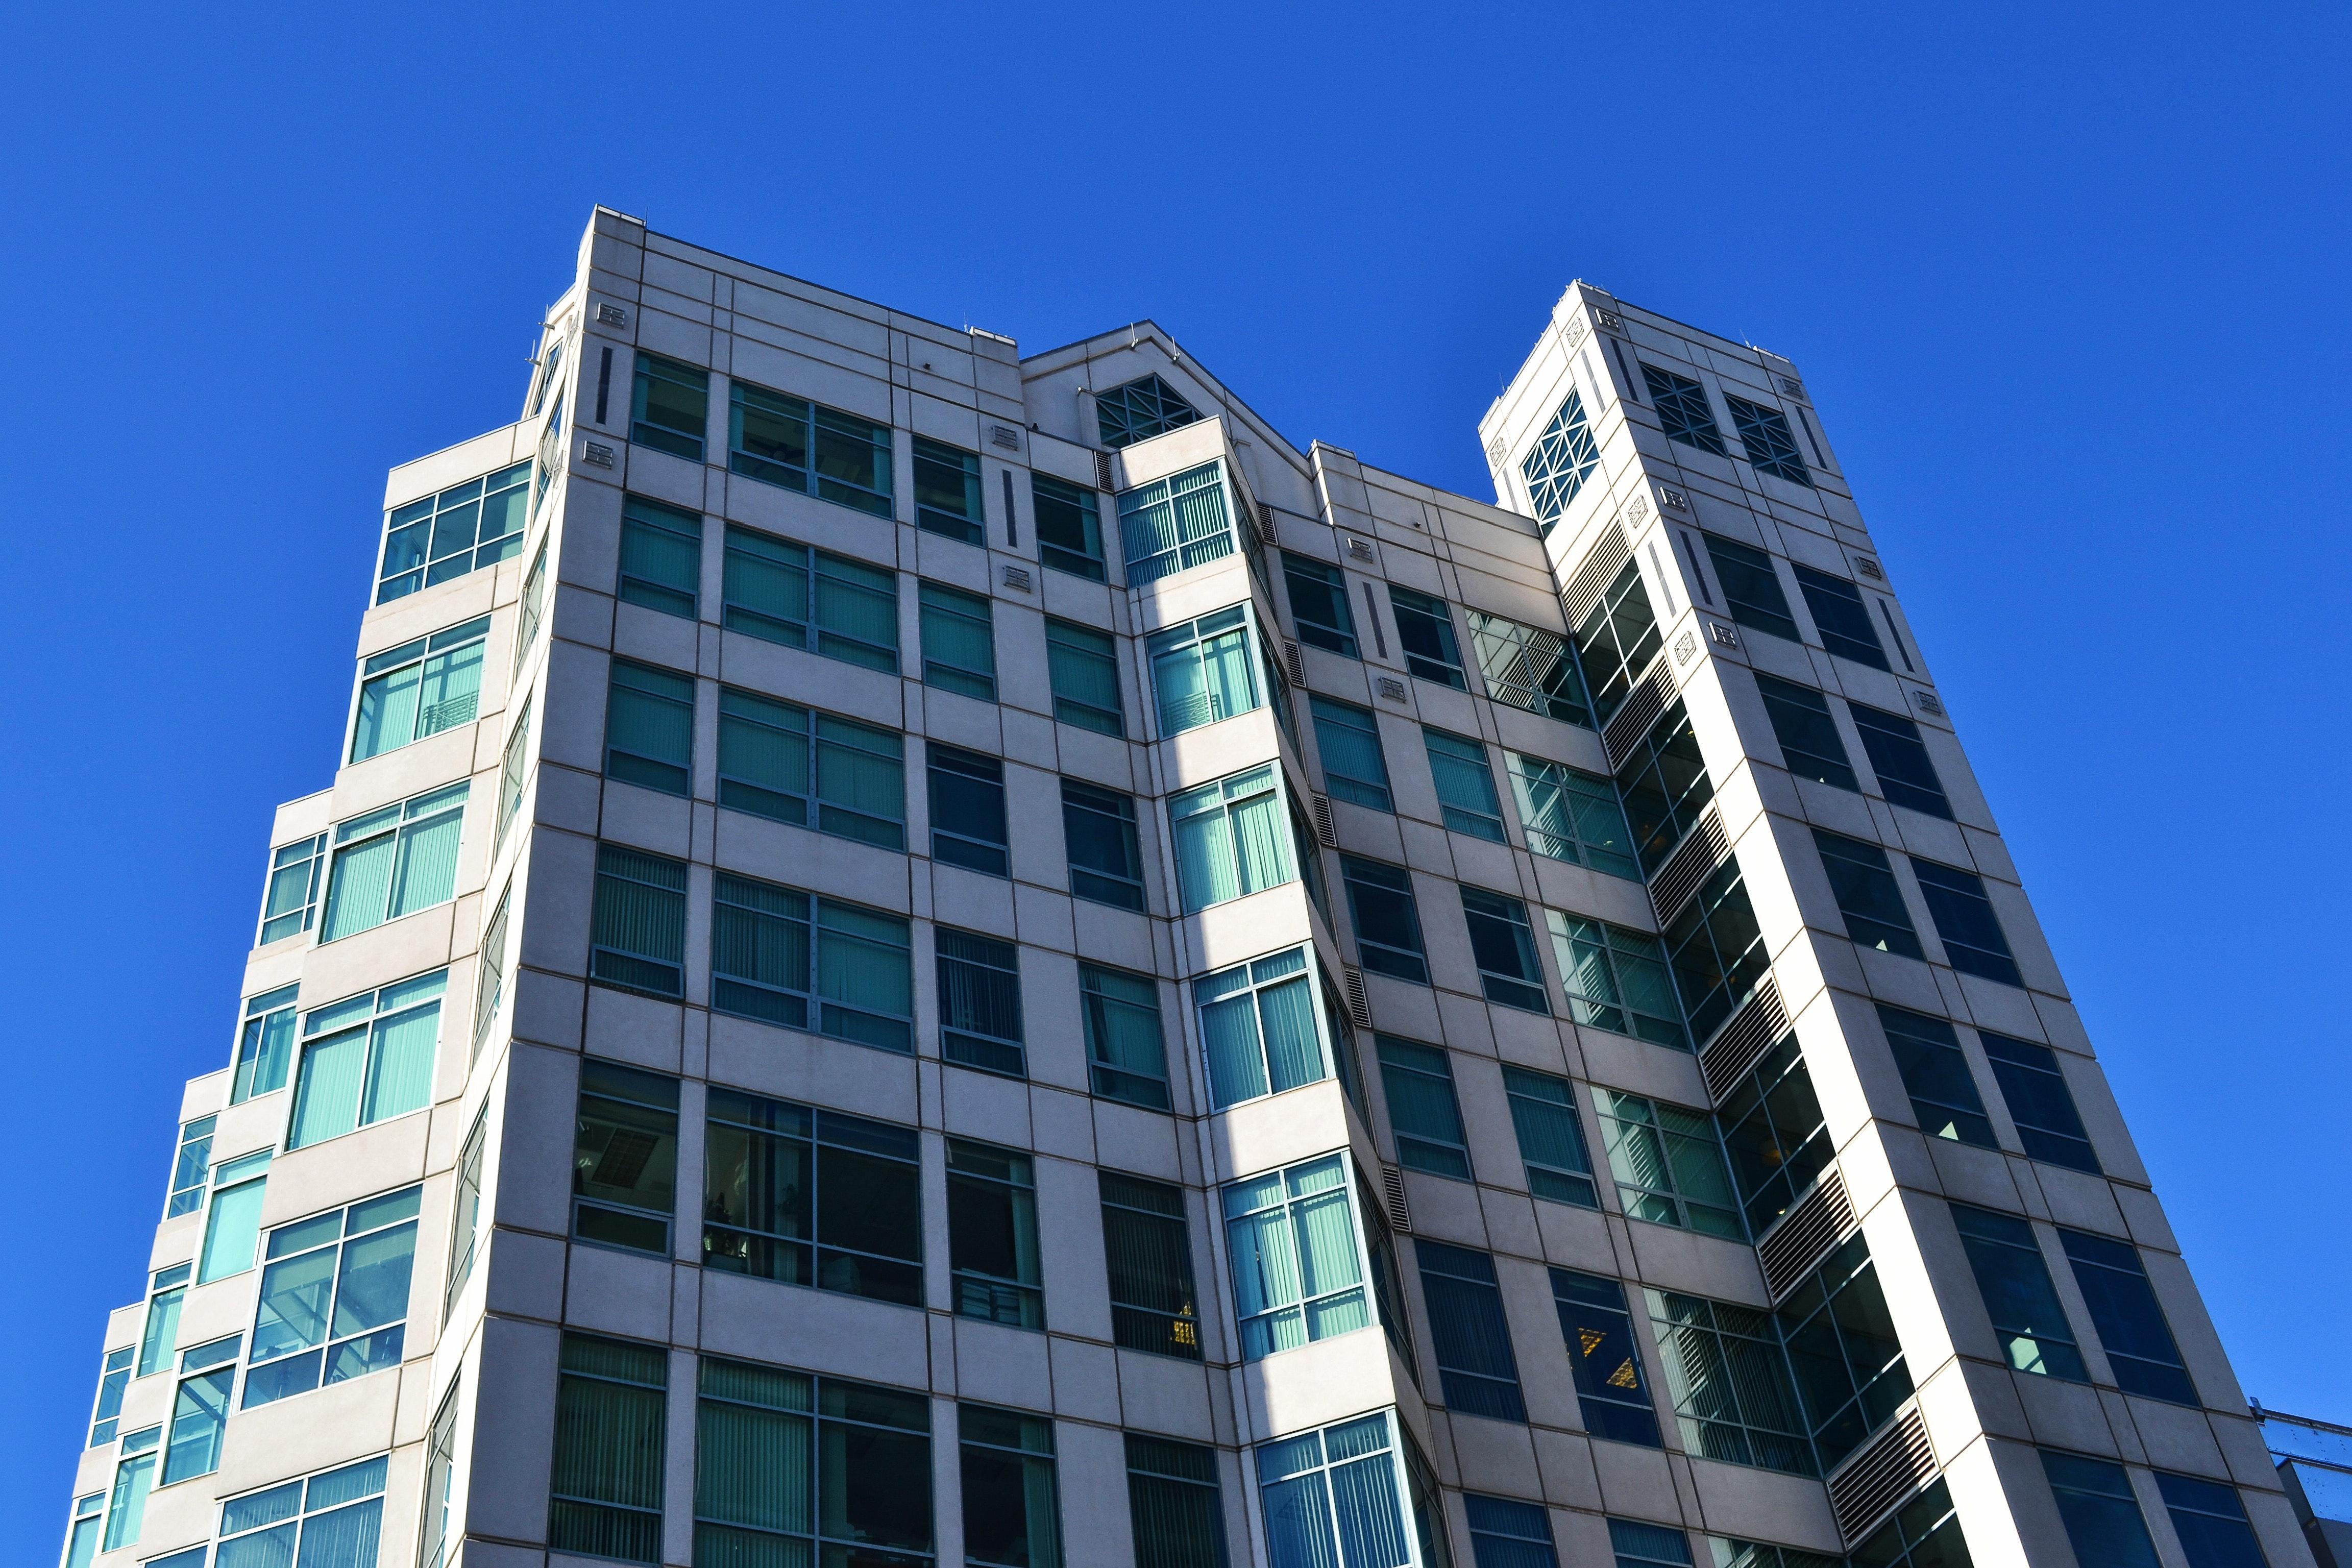 Gambar Arsitektur Bangunan Langit Cerah Kontemporer Siang Hari Futuristik Item Kaca Modern Kantor Di Luar Rumah Perkotaan Jendela 4608x3072 1501351 Galeri Foto Pxhere